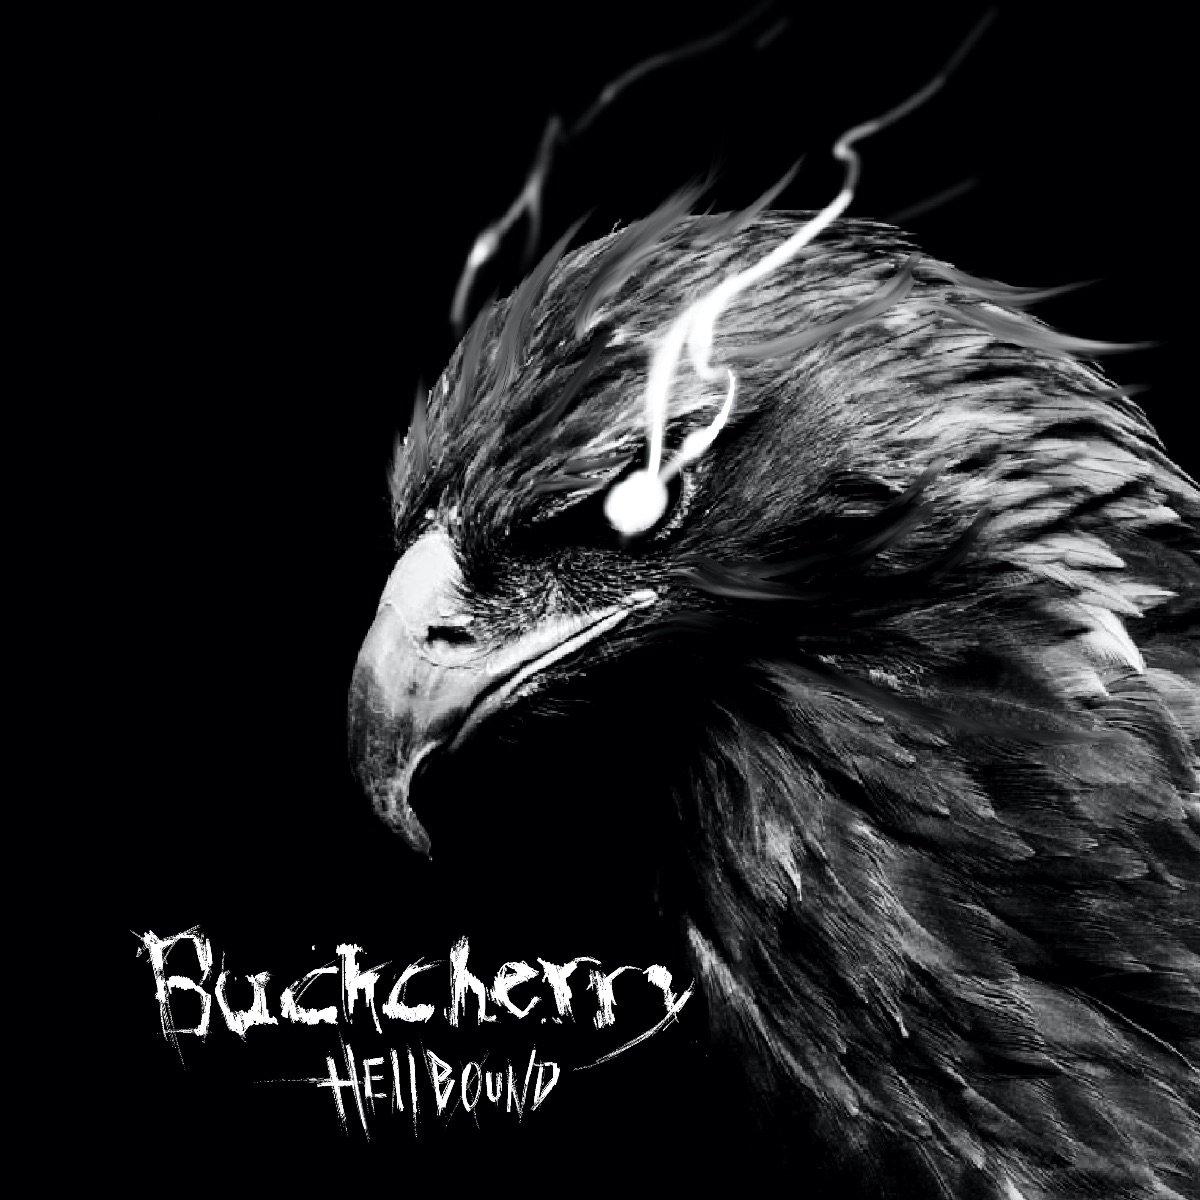 Buckcherry - Hellbound